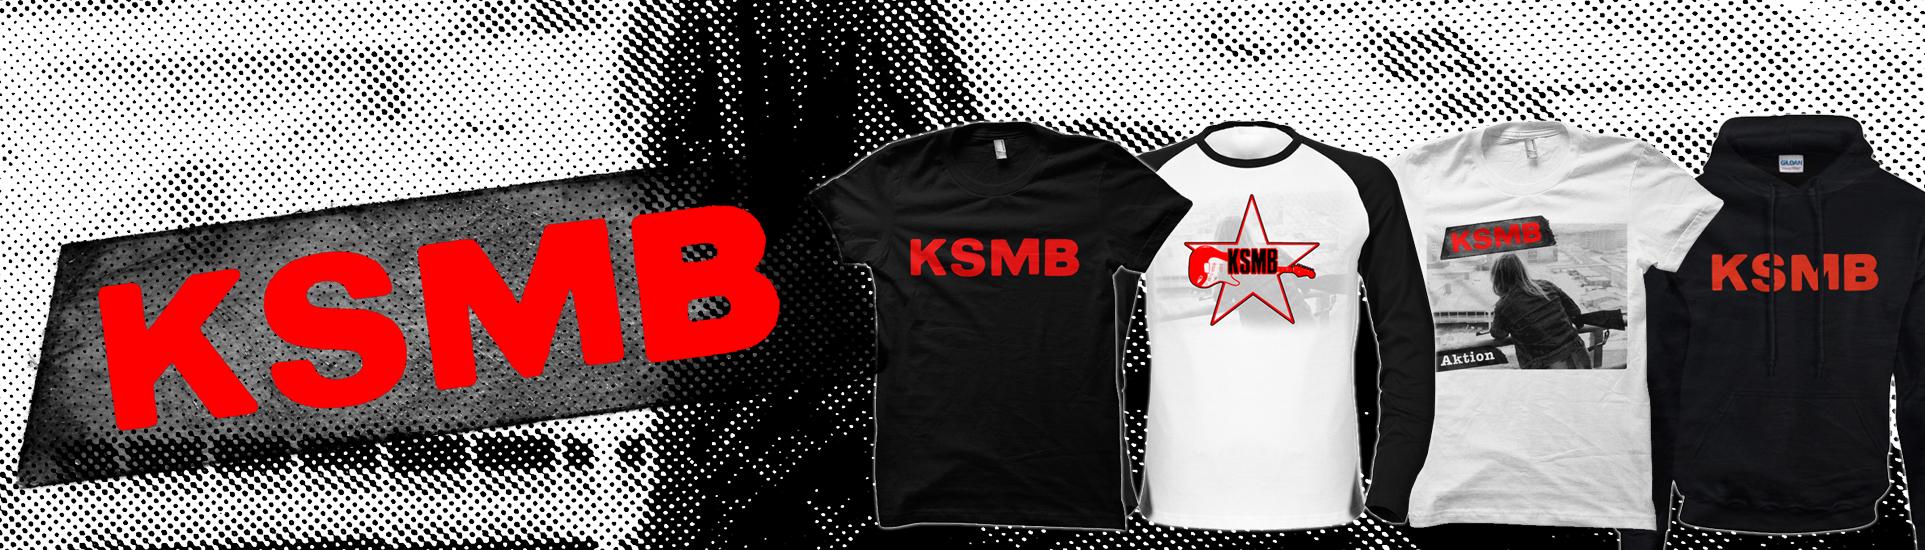 DD_slider_ksmb-2